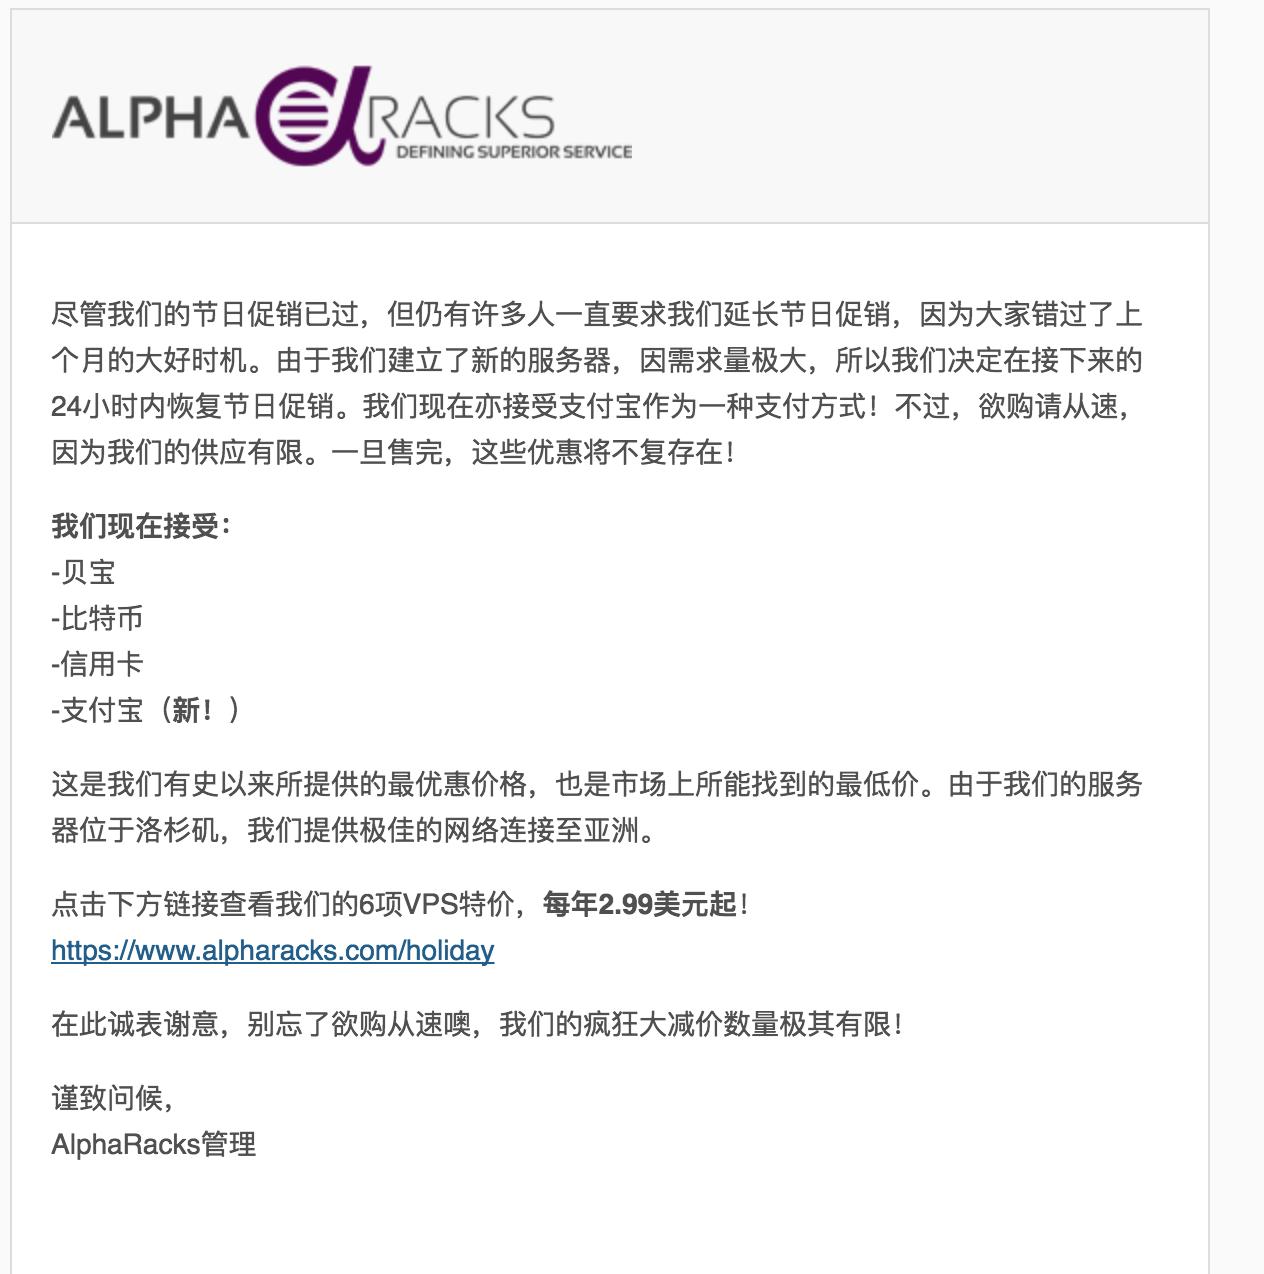 alpharacks疯了,VPS每年2.99美元起!买了吃亏,买了上当!噗。。